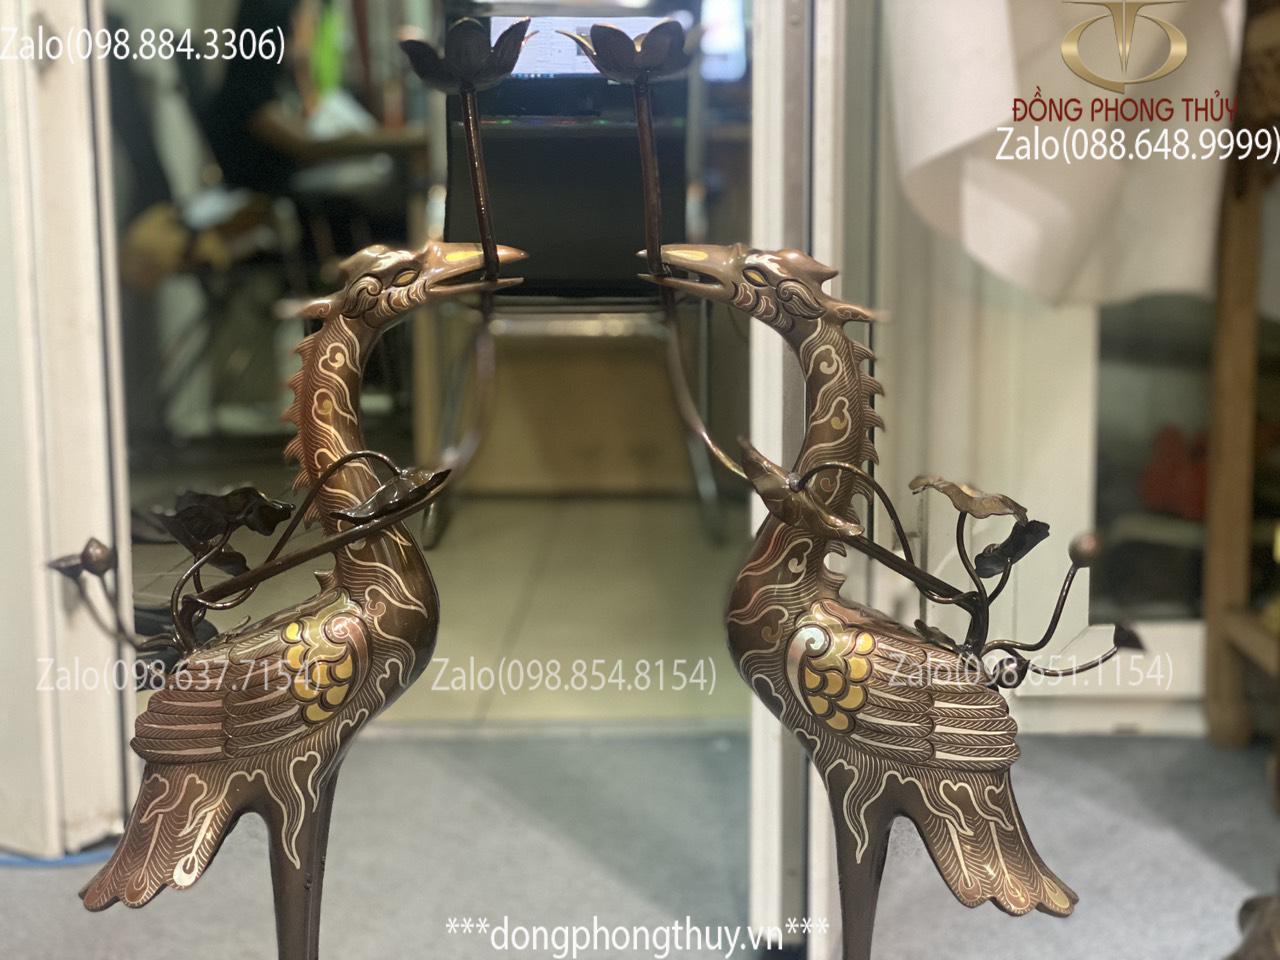 Đôi hạc đồng khảm ngũ sắc cao 65cm nặng 11kg